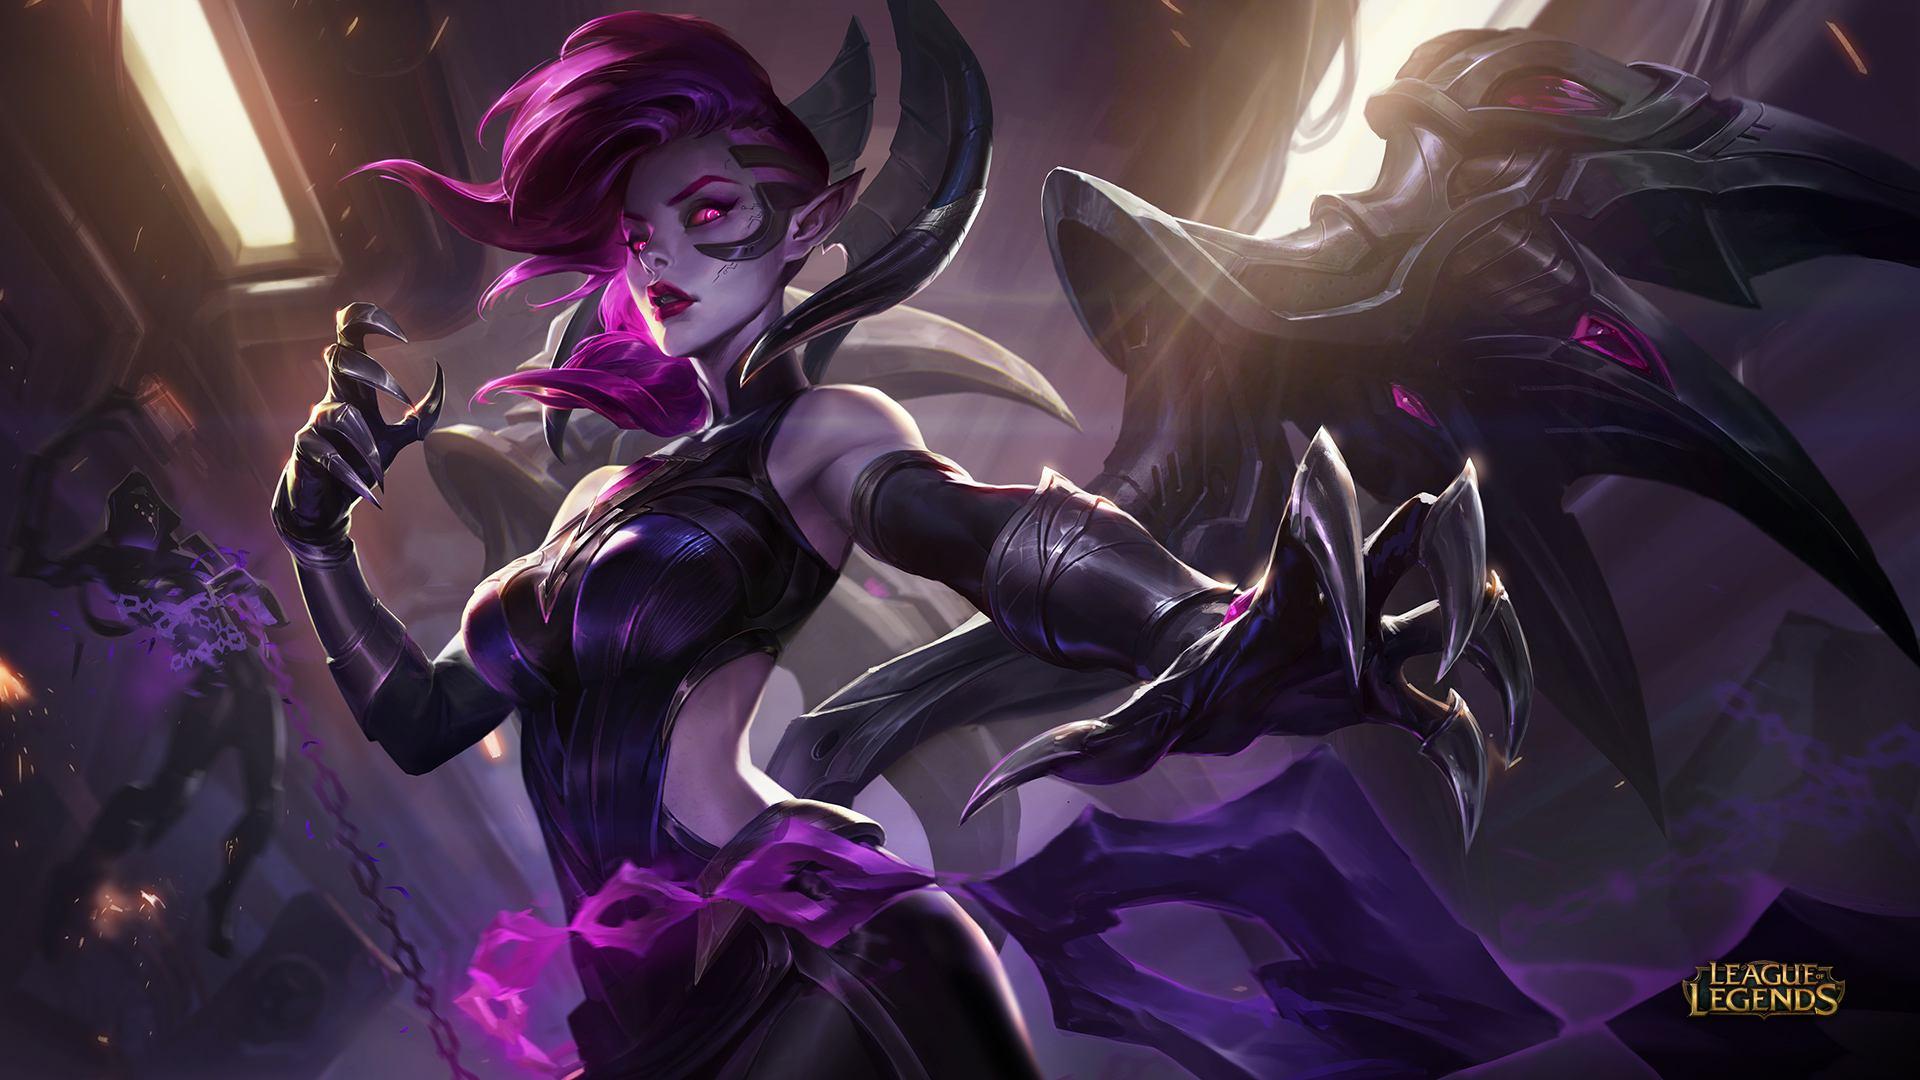 Blade Mistress Morgana The Fallen Skin Rework Wallpaper Artist